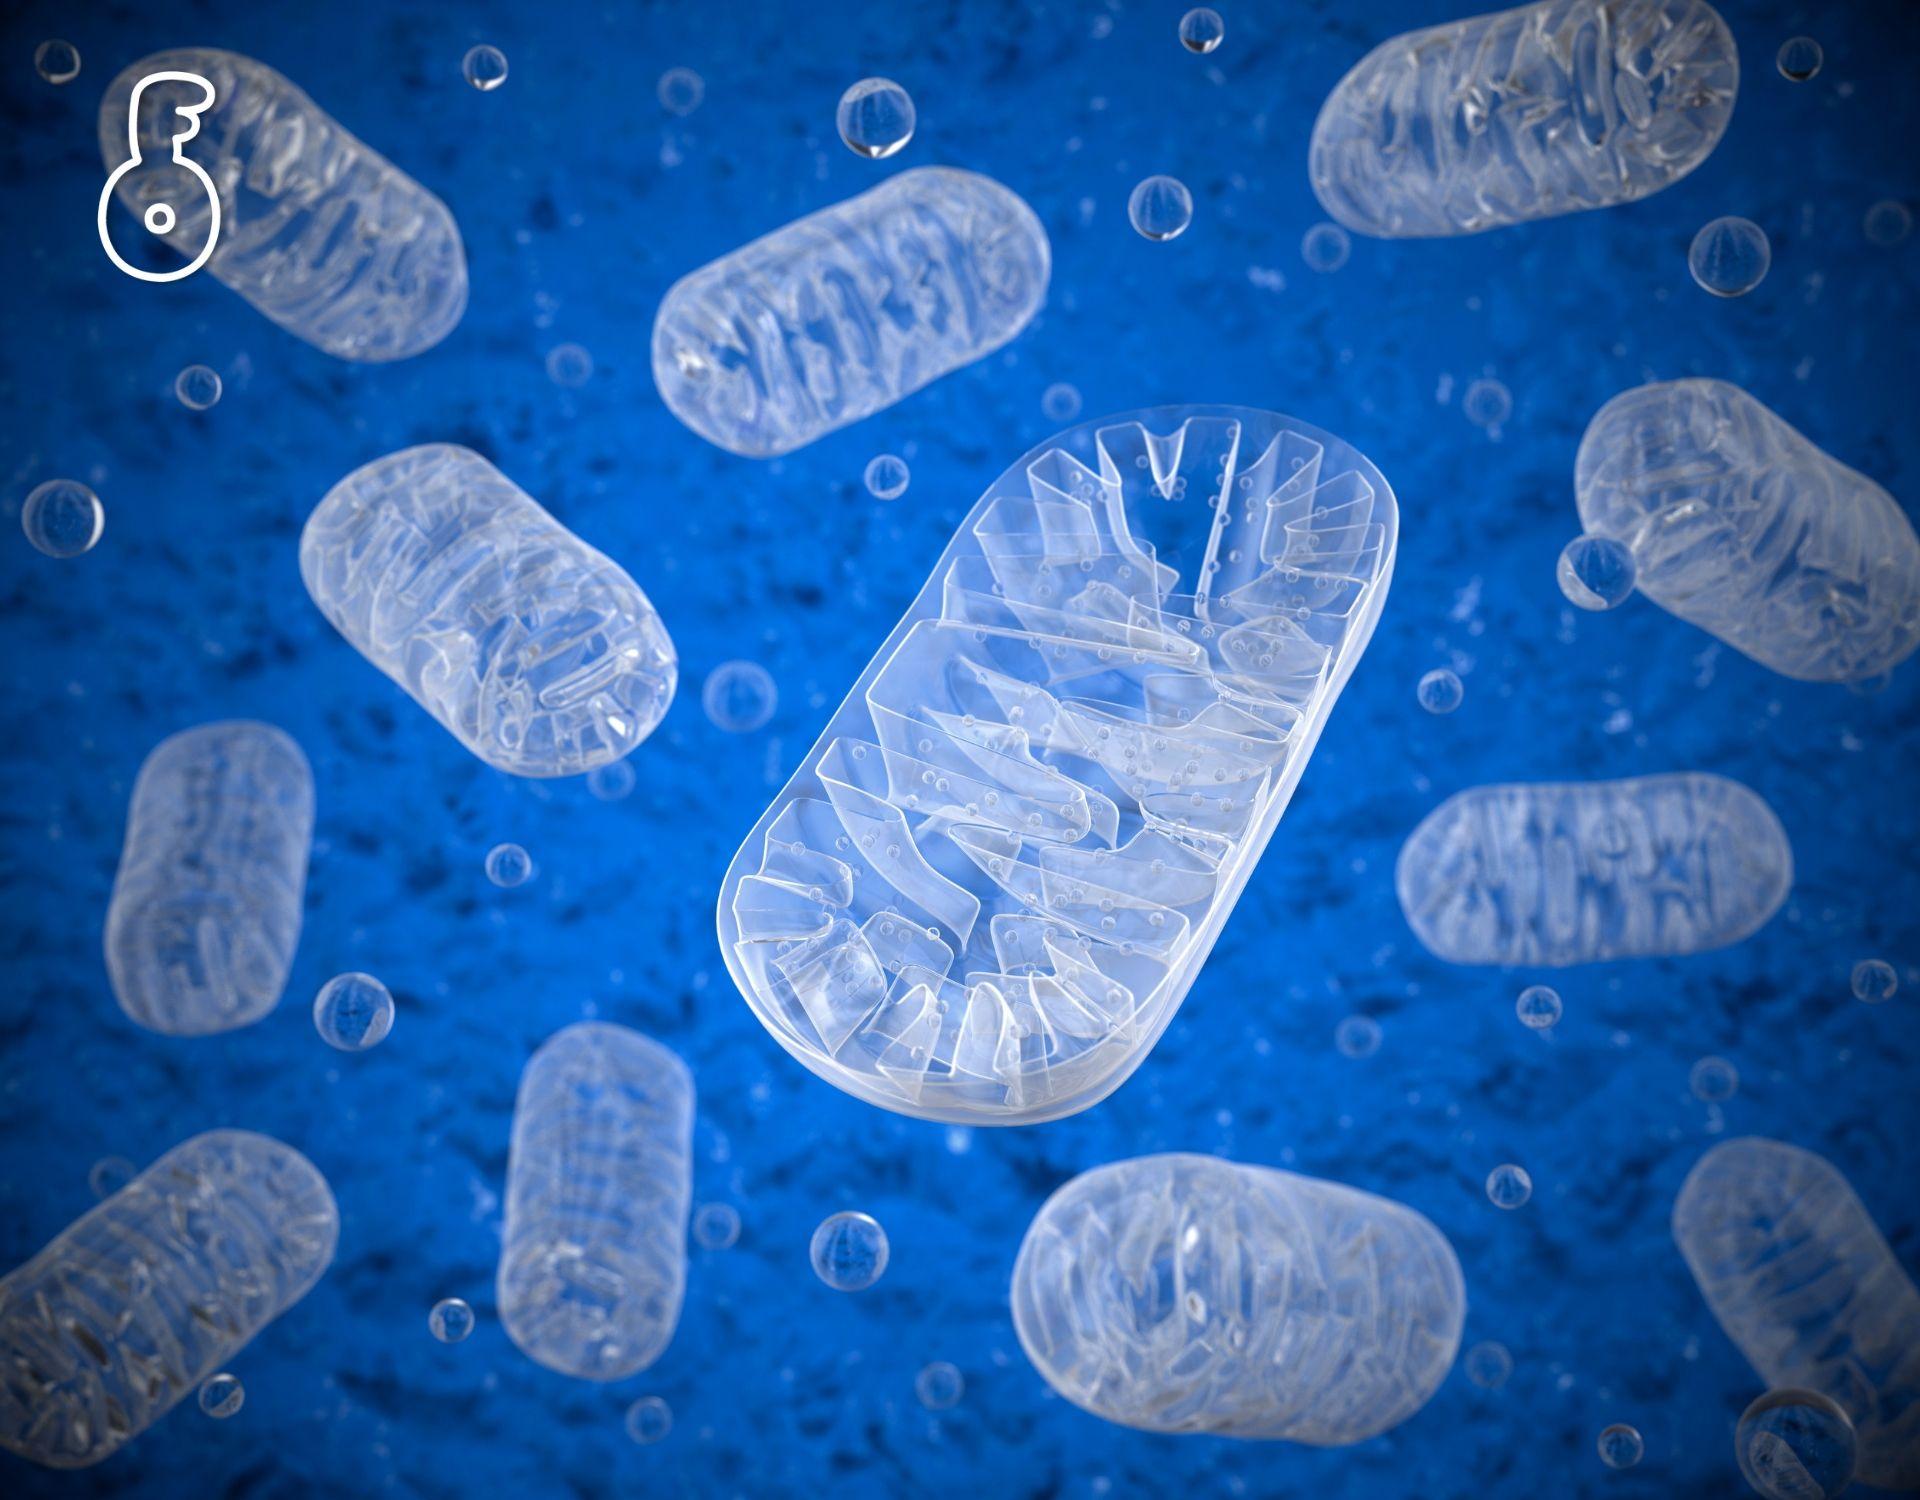 ไมโตคอนเดรียหยุดทำงานสาเหตุที่เซลล์หยุดใช้ออกซิเจนเป็นพลังงาน